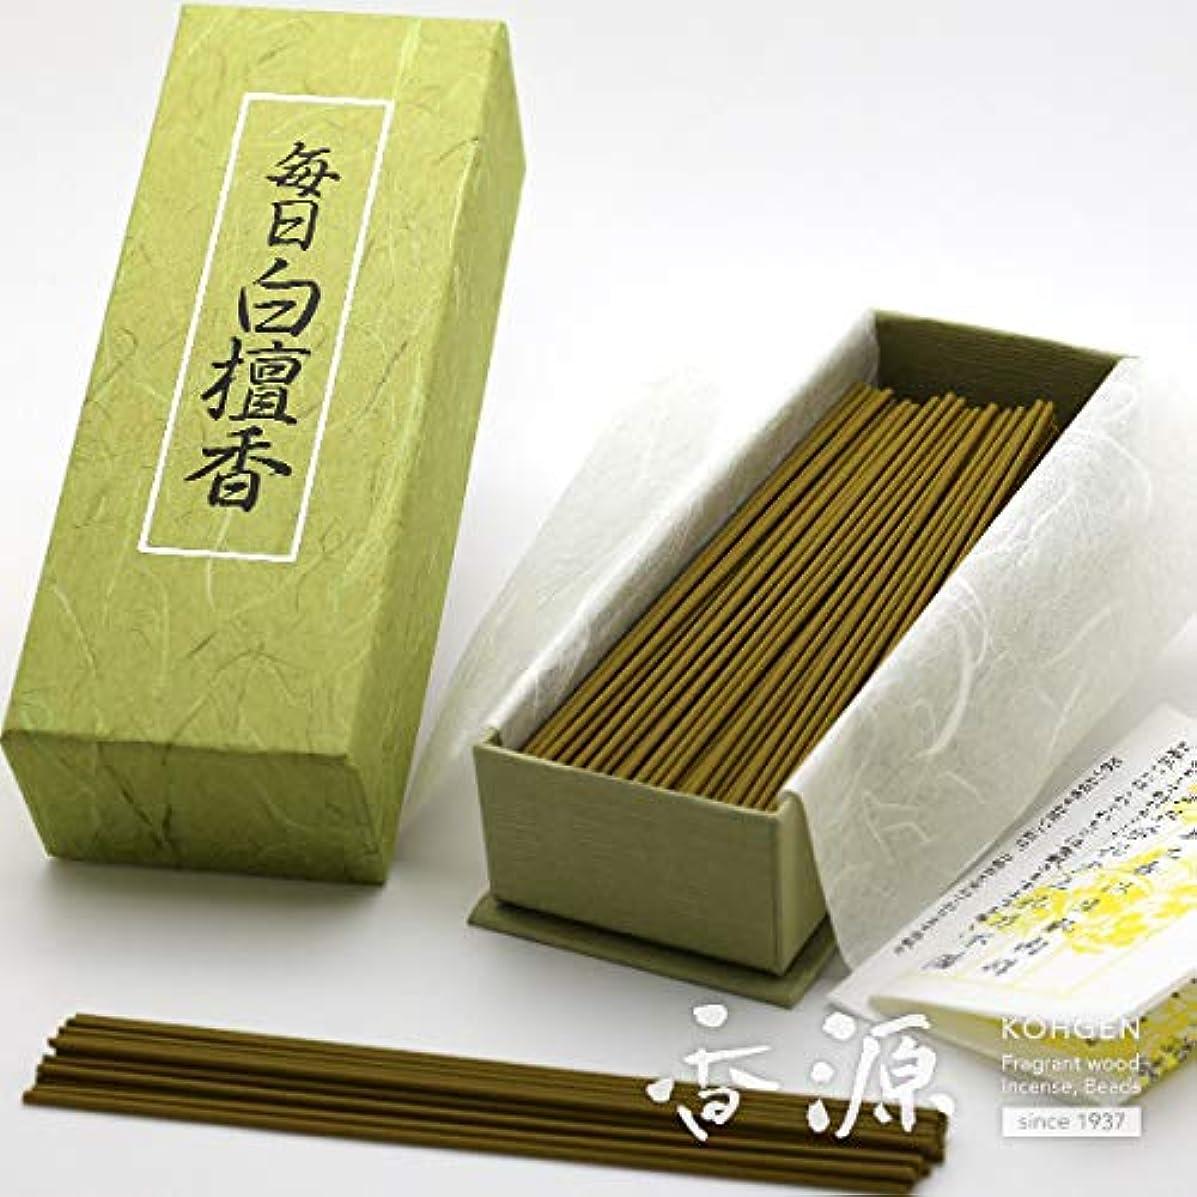 純粋な葉巻嫉妬日本香堂のお線香 毎日白檀香 バラ詰